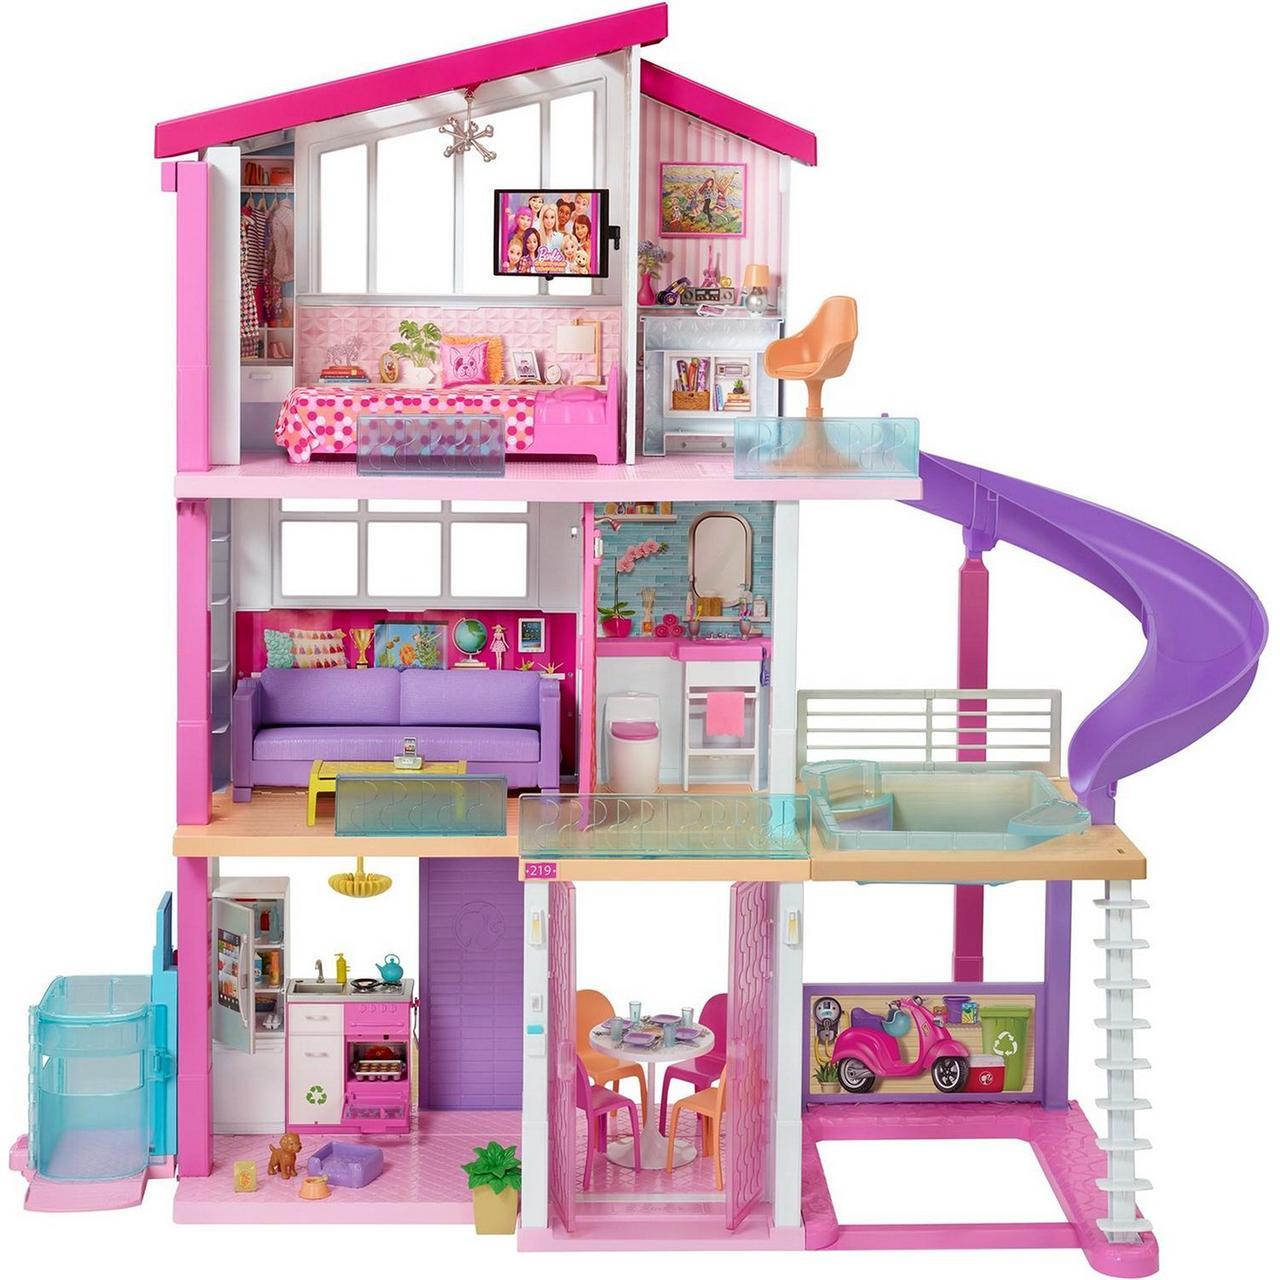 """Barbie Кукольный домик Барби """"Дом мечты"""" 3 этажный с лифтом и мебелью"""